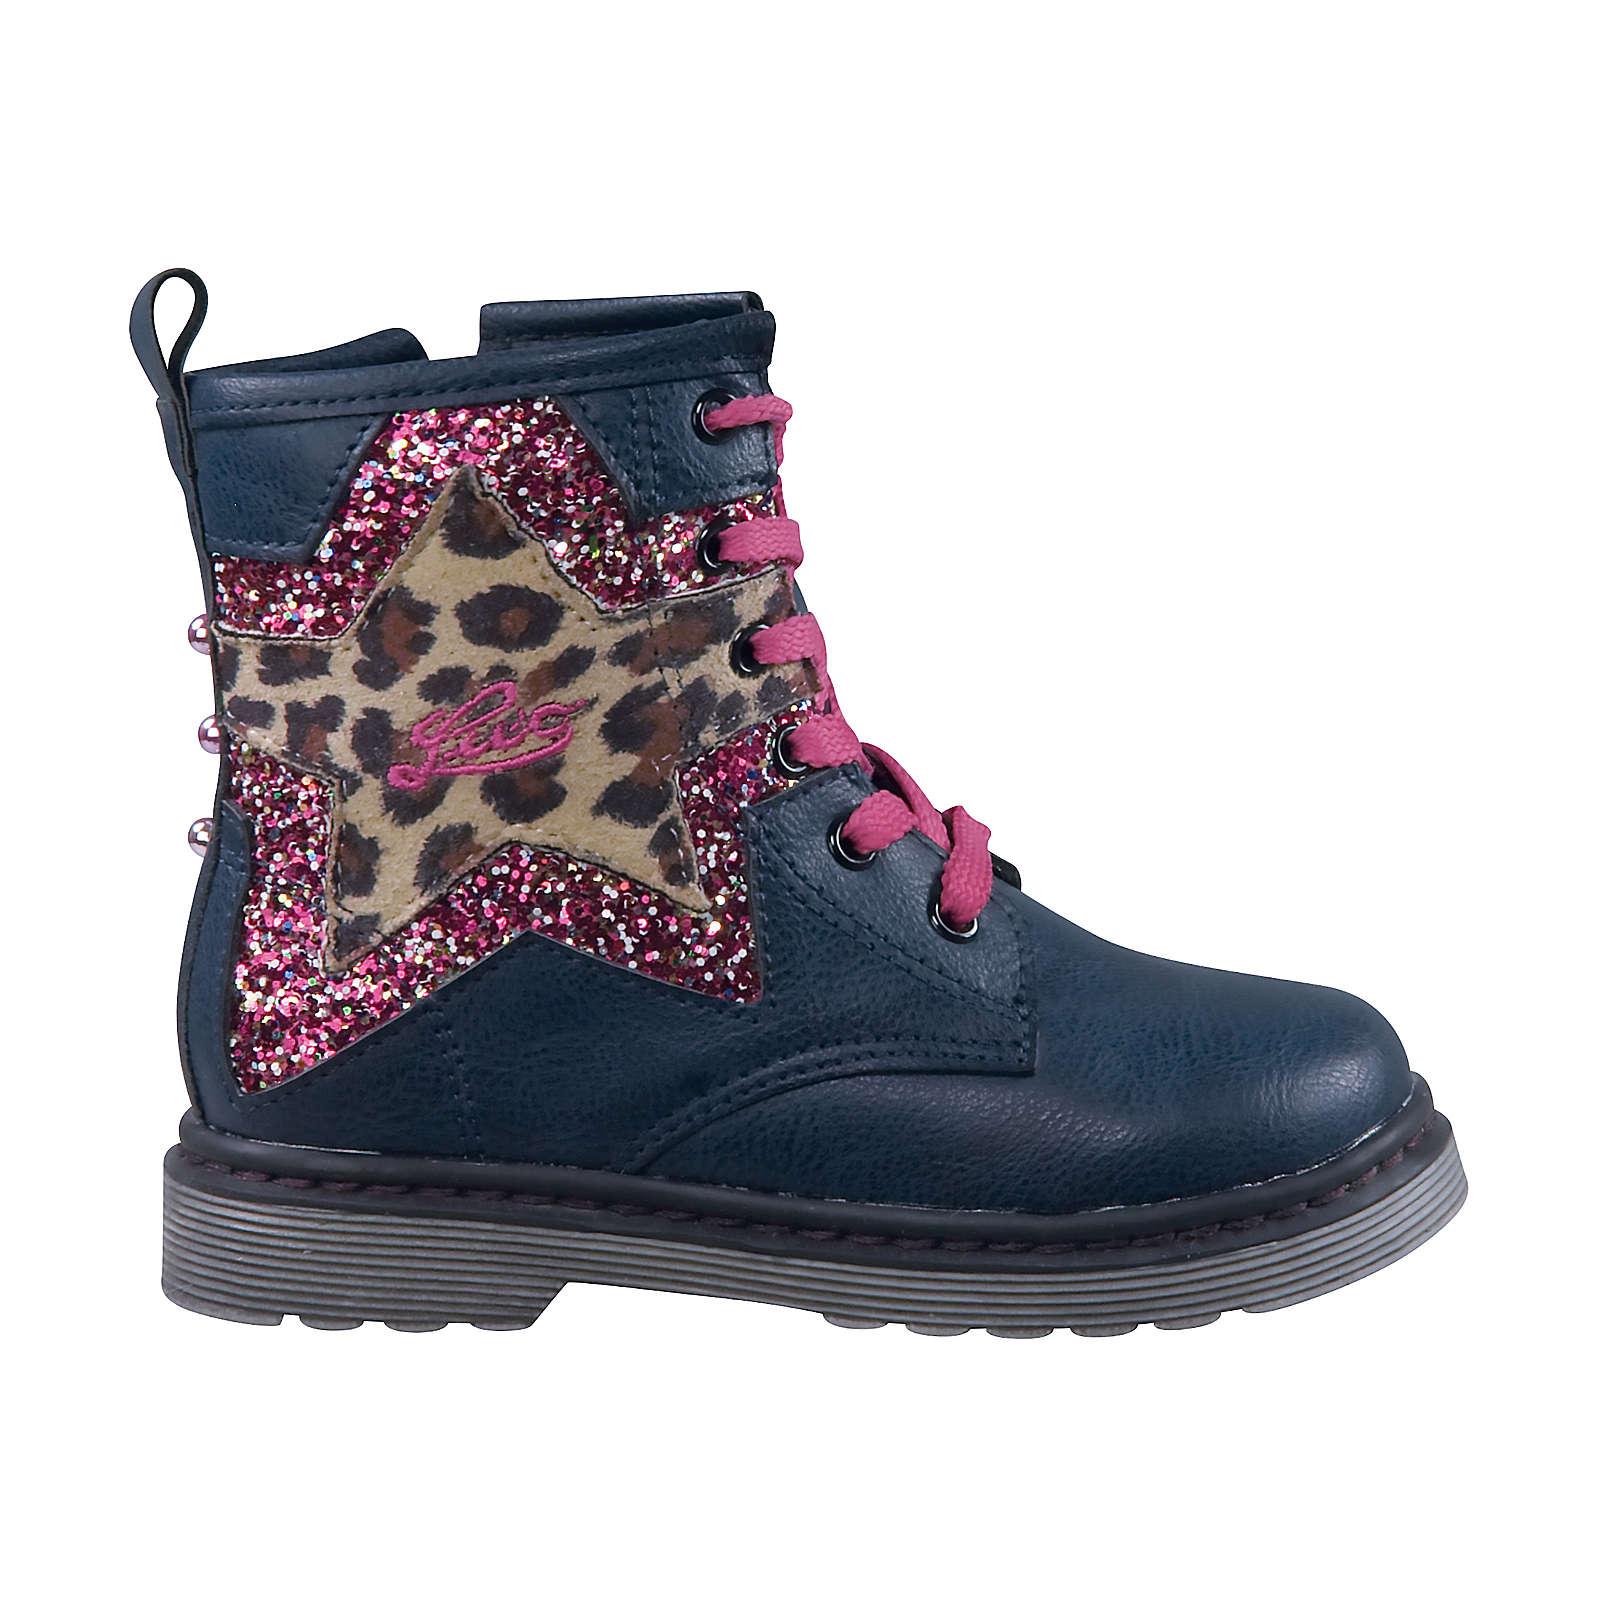 LICO Stiefel für Mädchen blau Mädchen Gr. 27